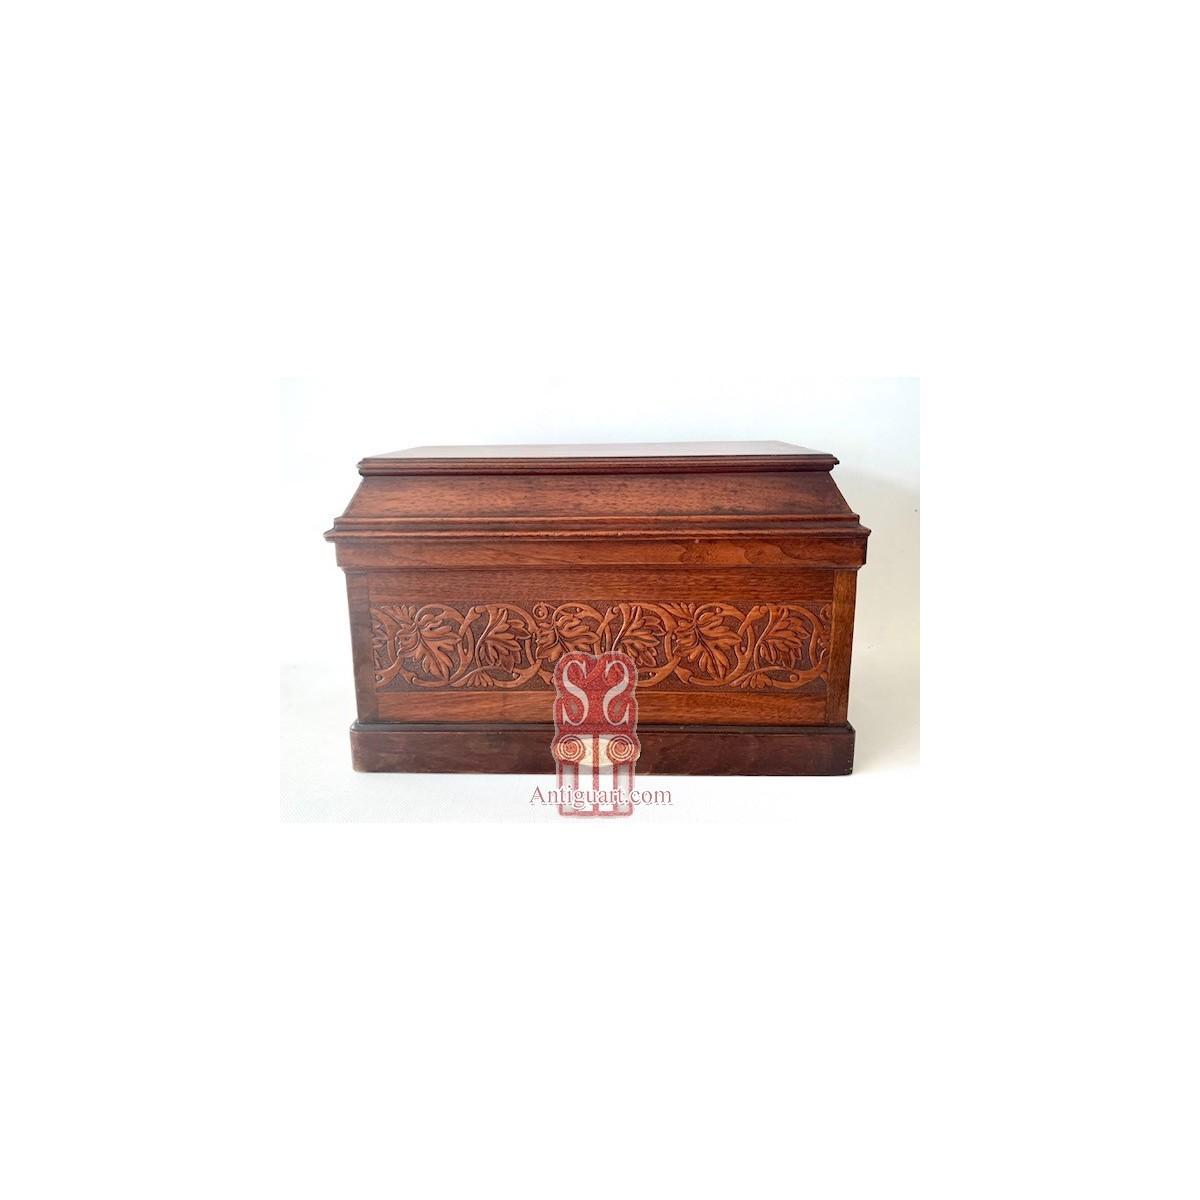 Mahogany jewelry box, early 20th